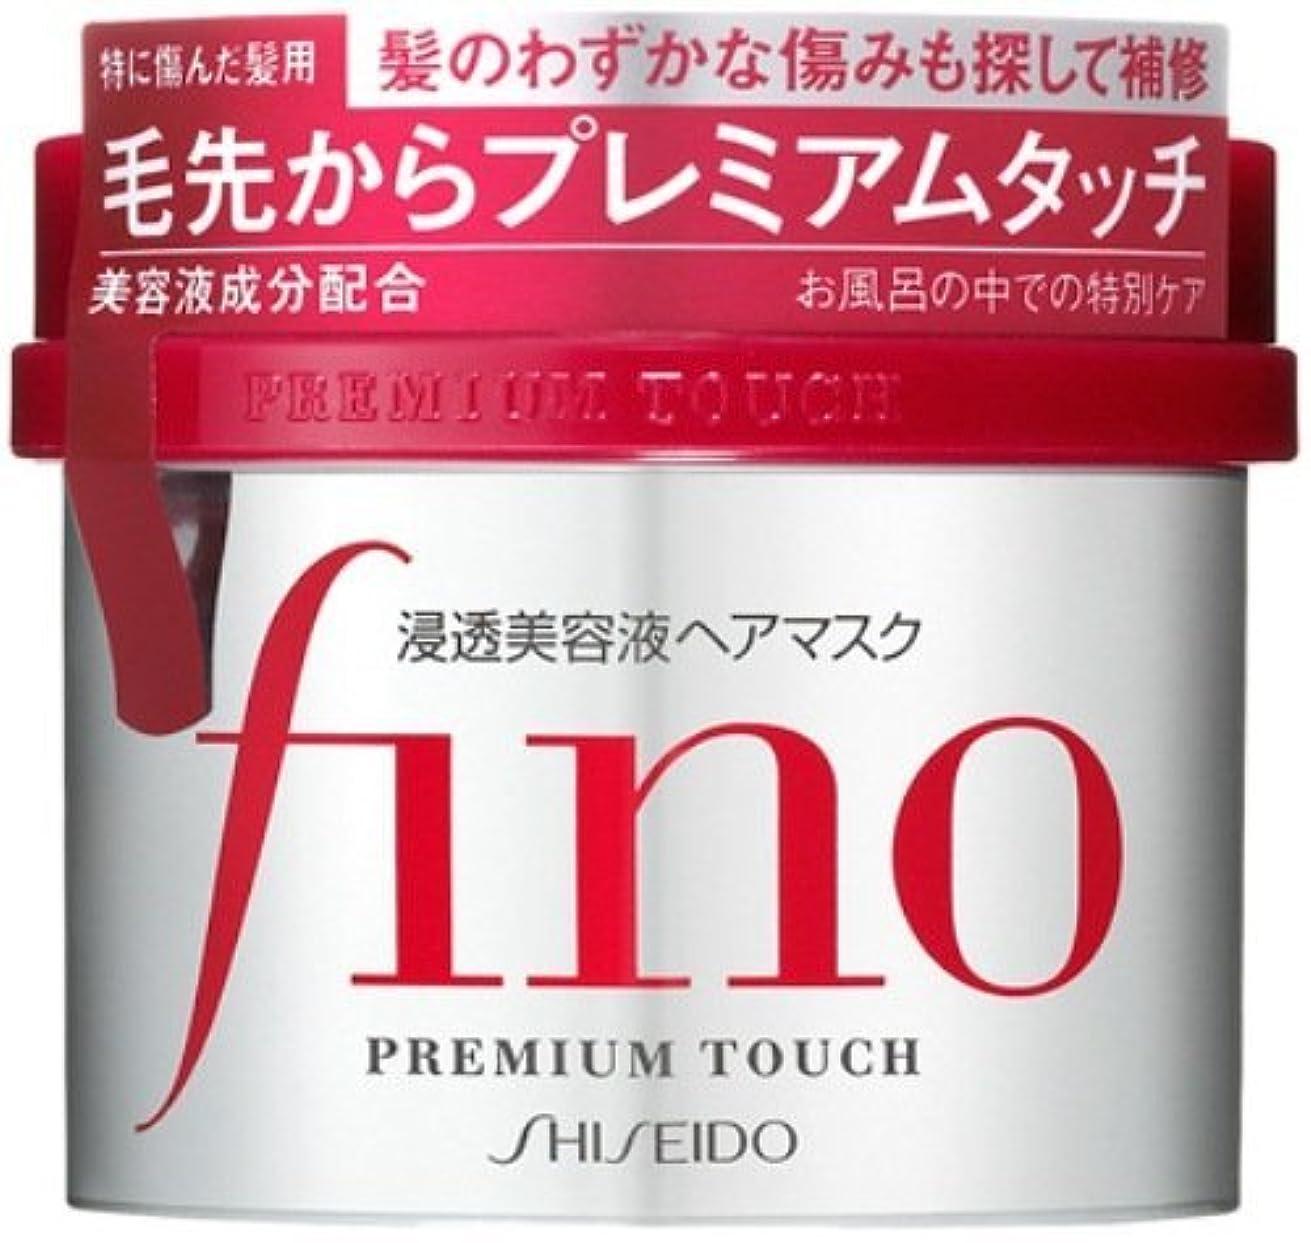 つまらない険しい一般的に言えばフィーノ浸透美容液ヘアマスク230G × 10個セット